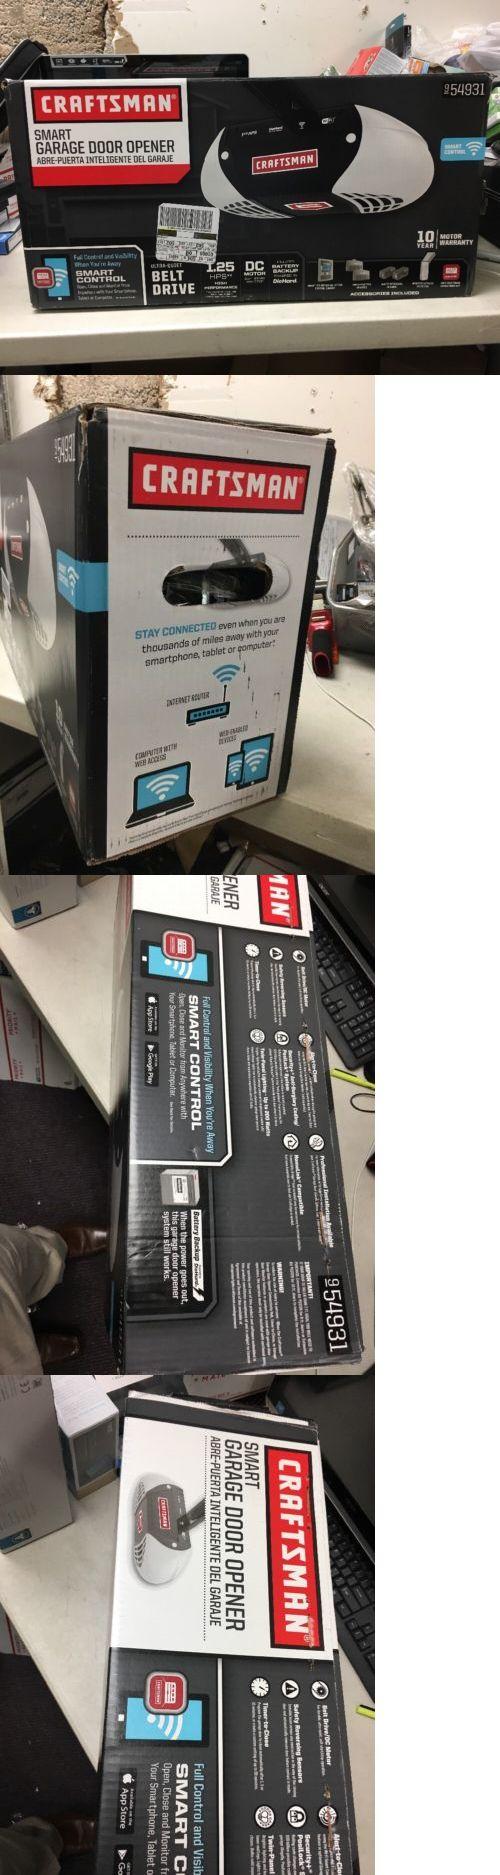 Opener Systems 85898: New Craftsman 54931 Wireless Smart Garage Door Opener - 1-1 4 Hp (Retail) -> BUY IT NOW ONLY: $199.99 on eBay!